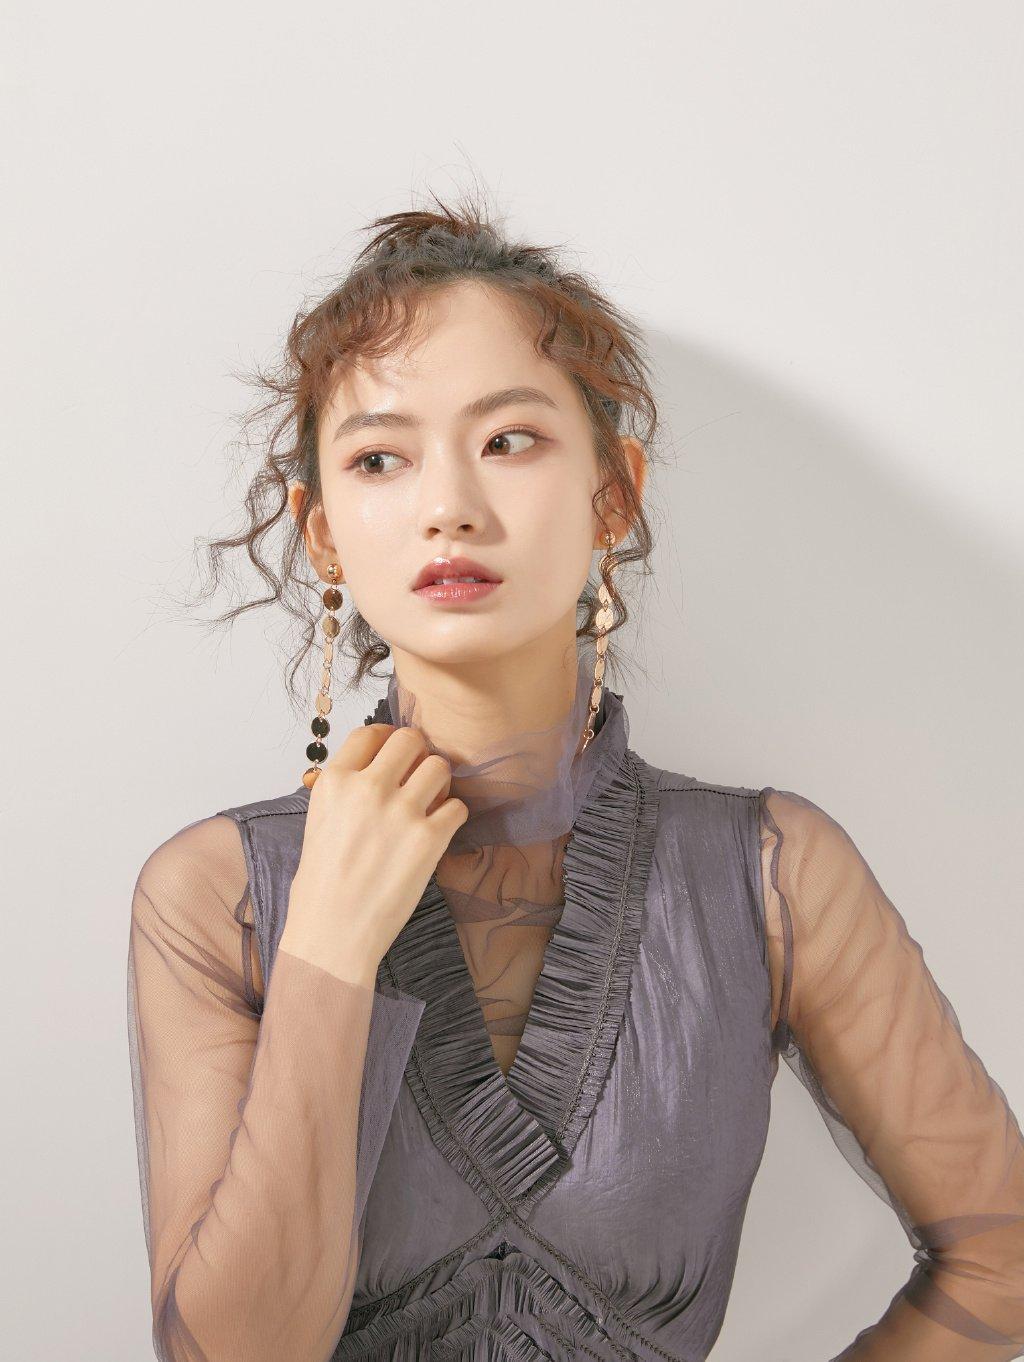 陈雨锶朦胧甜美写真图片